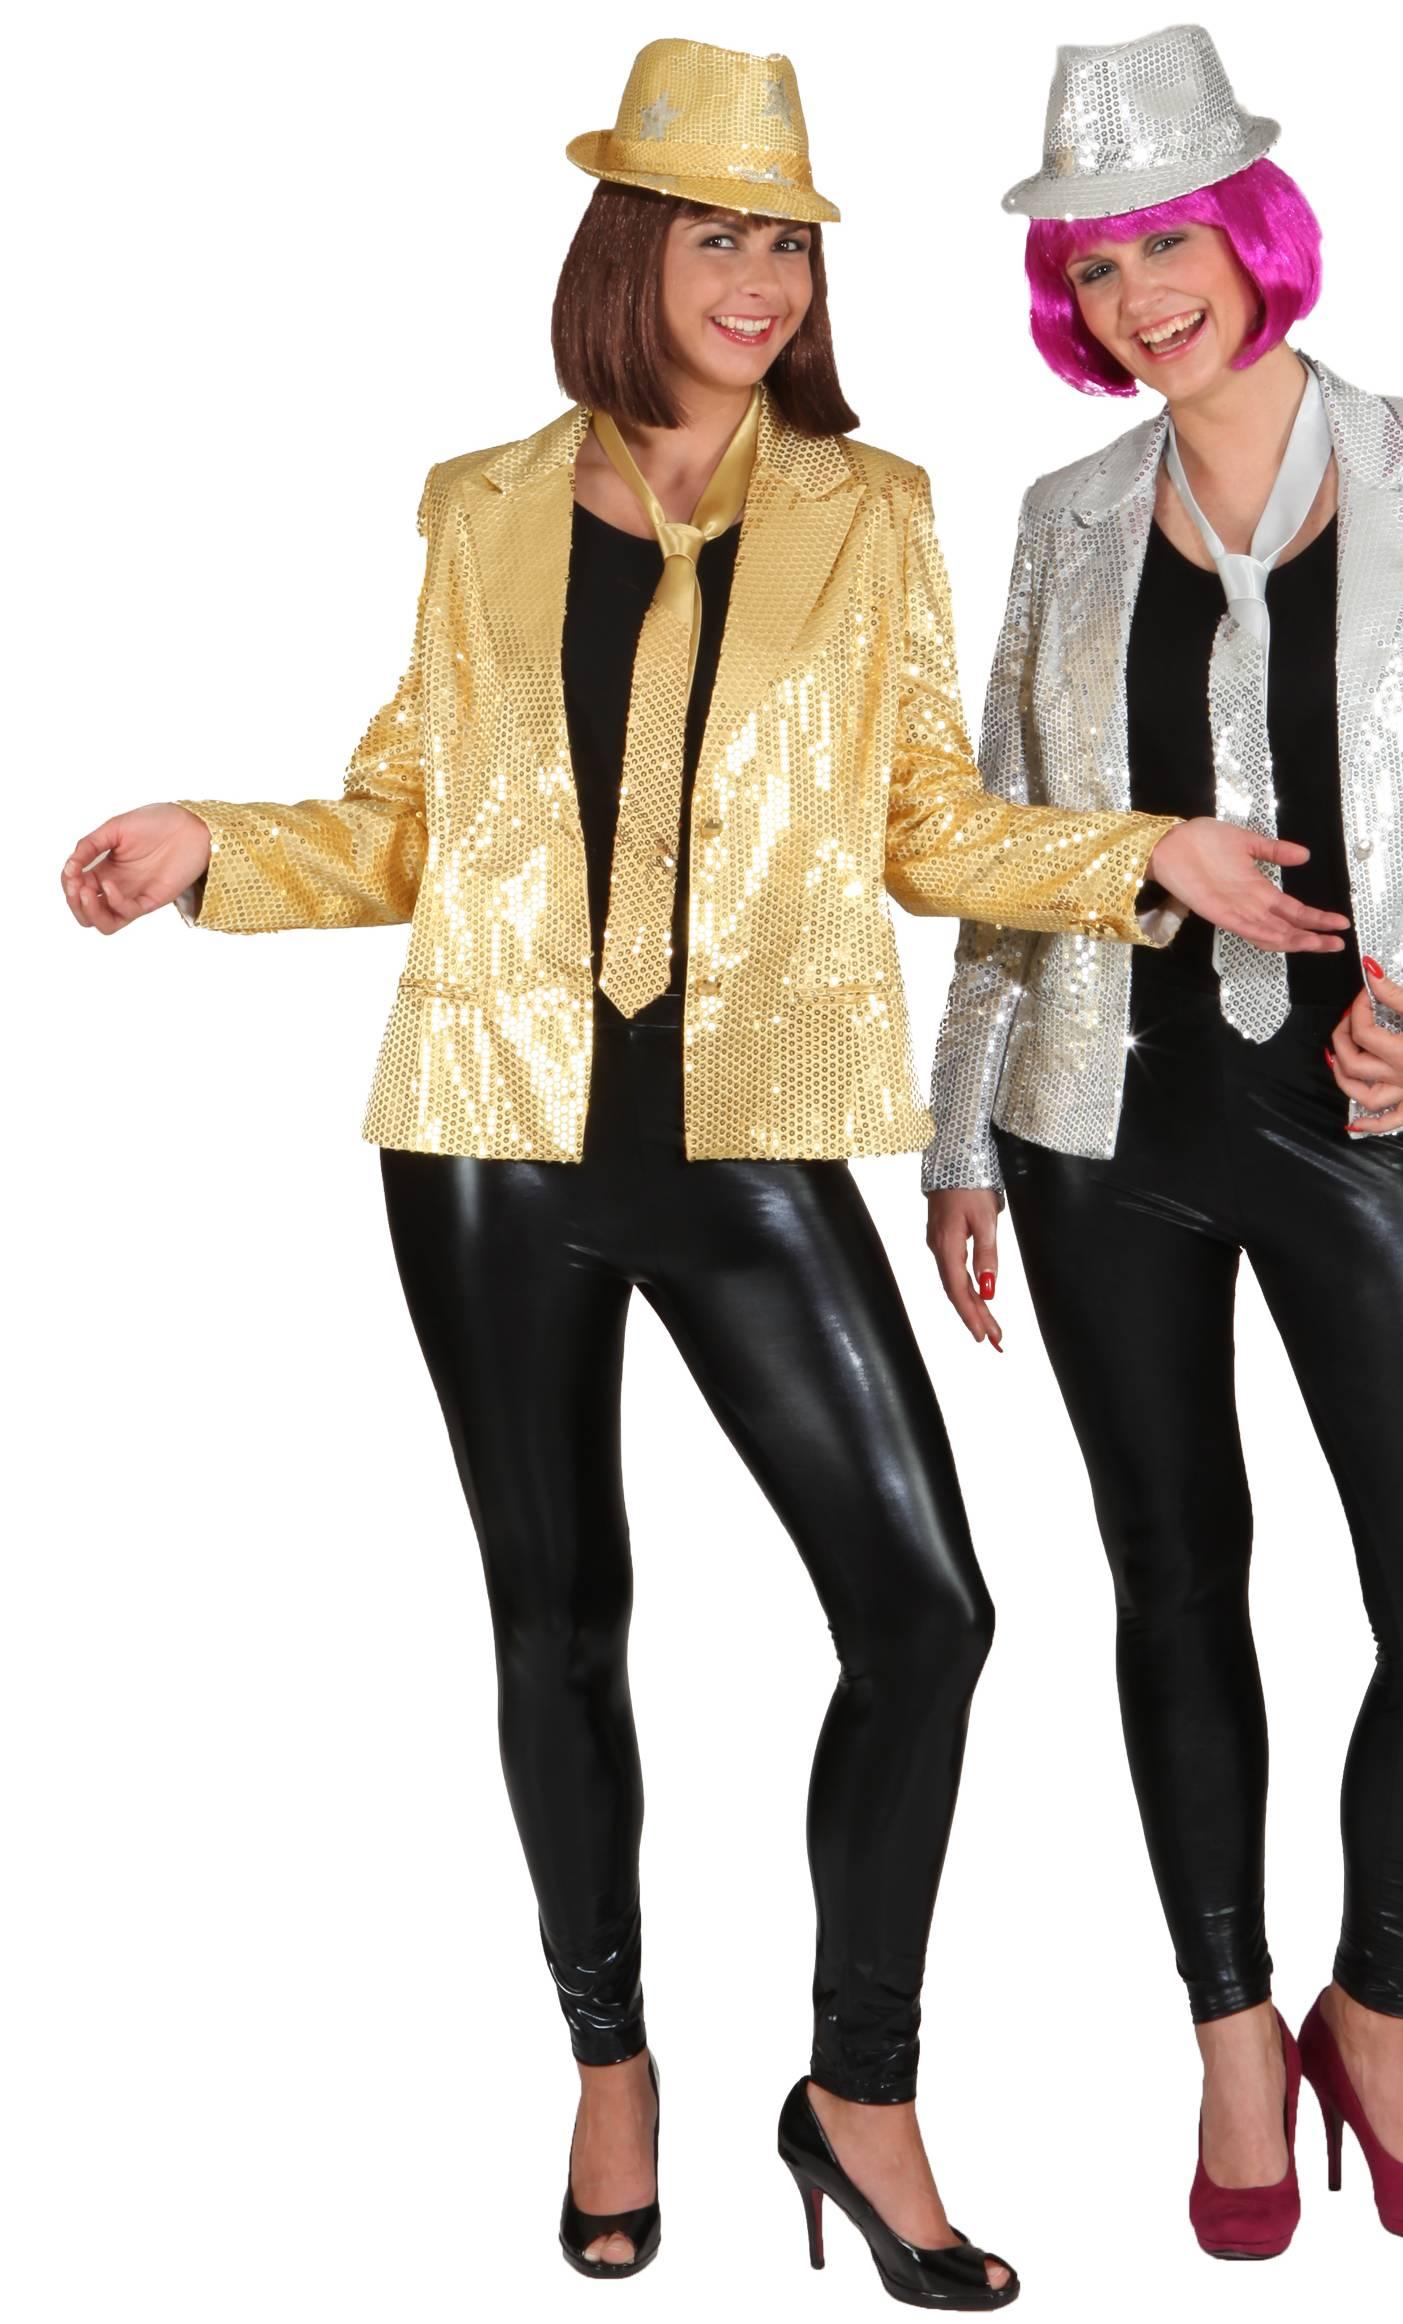 Veste-paillettes-or-femme-2